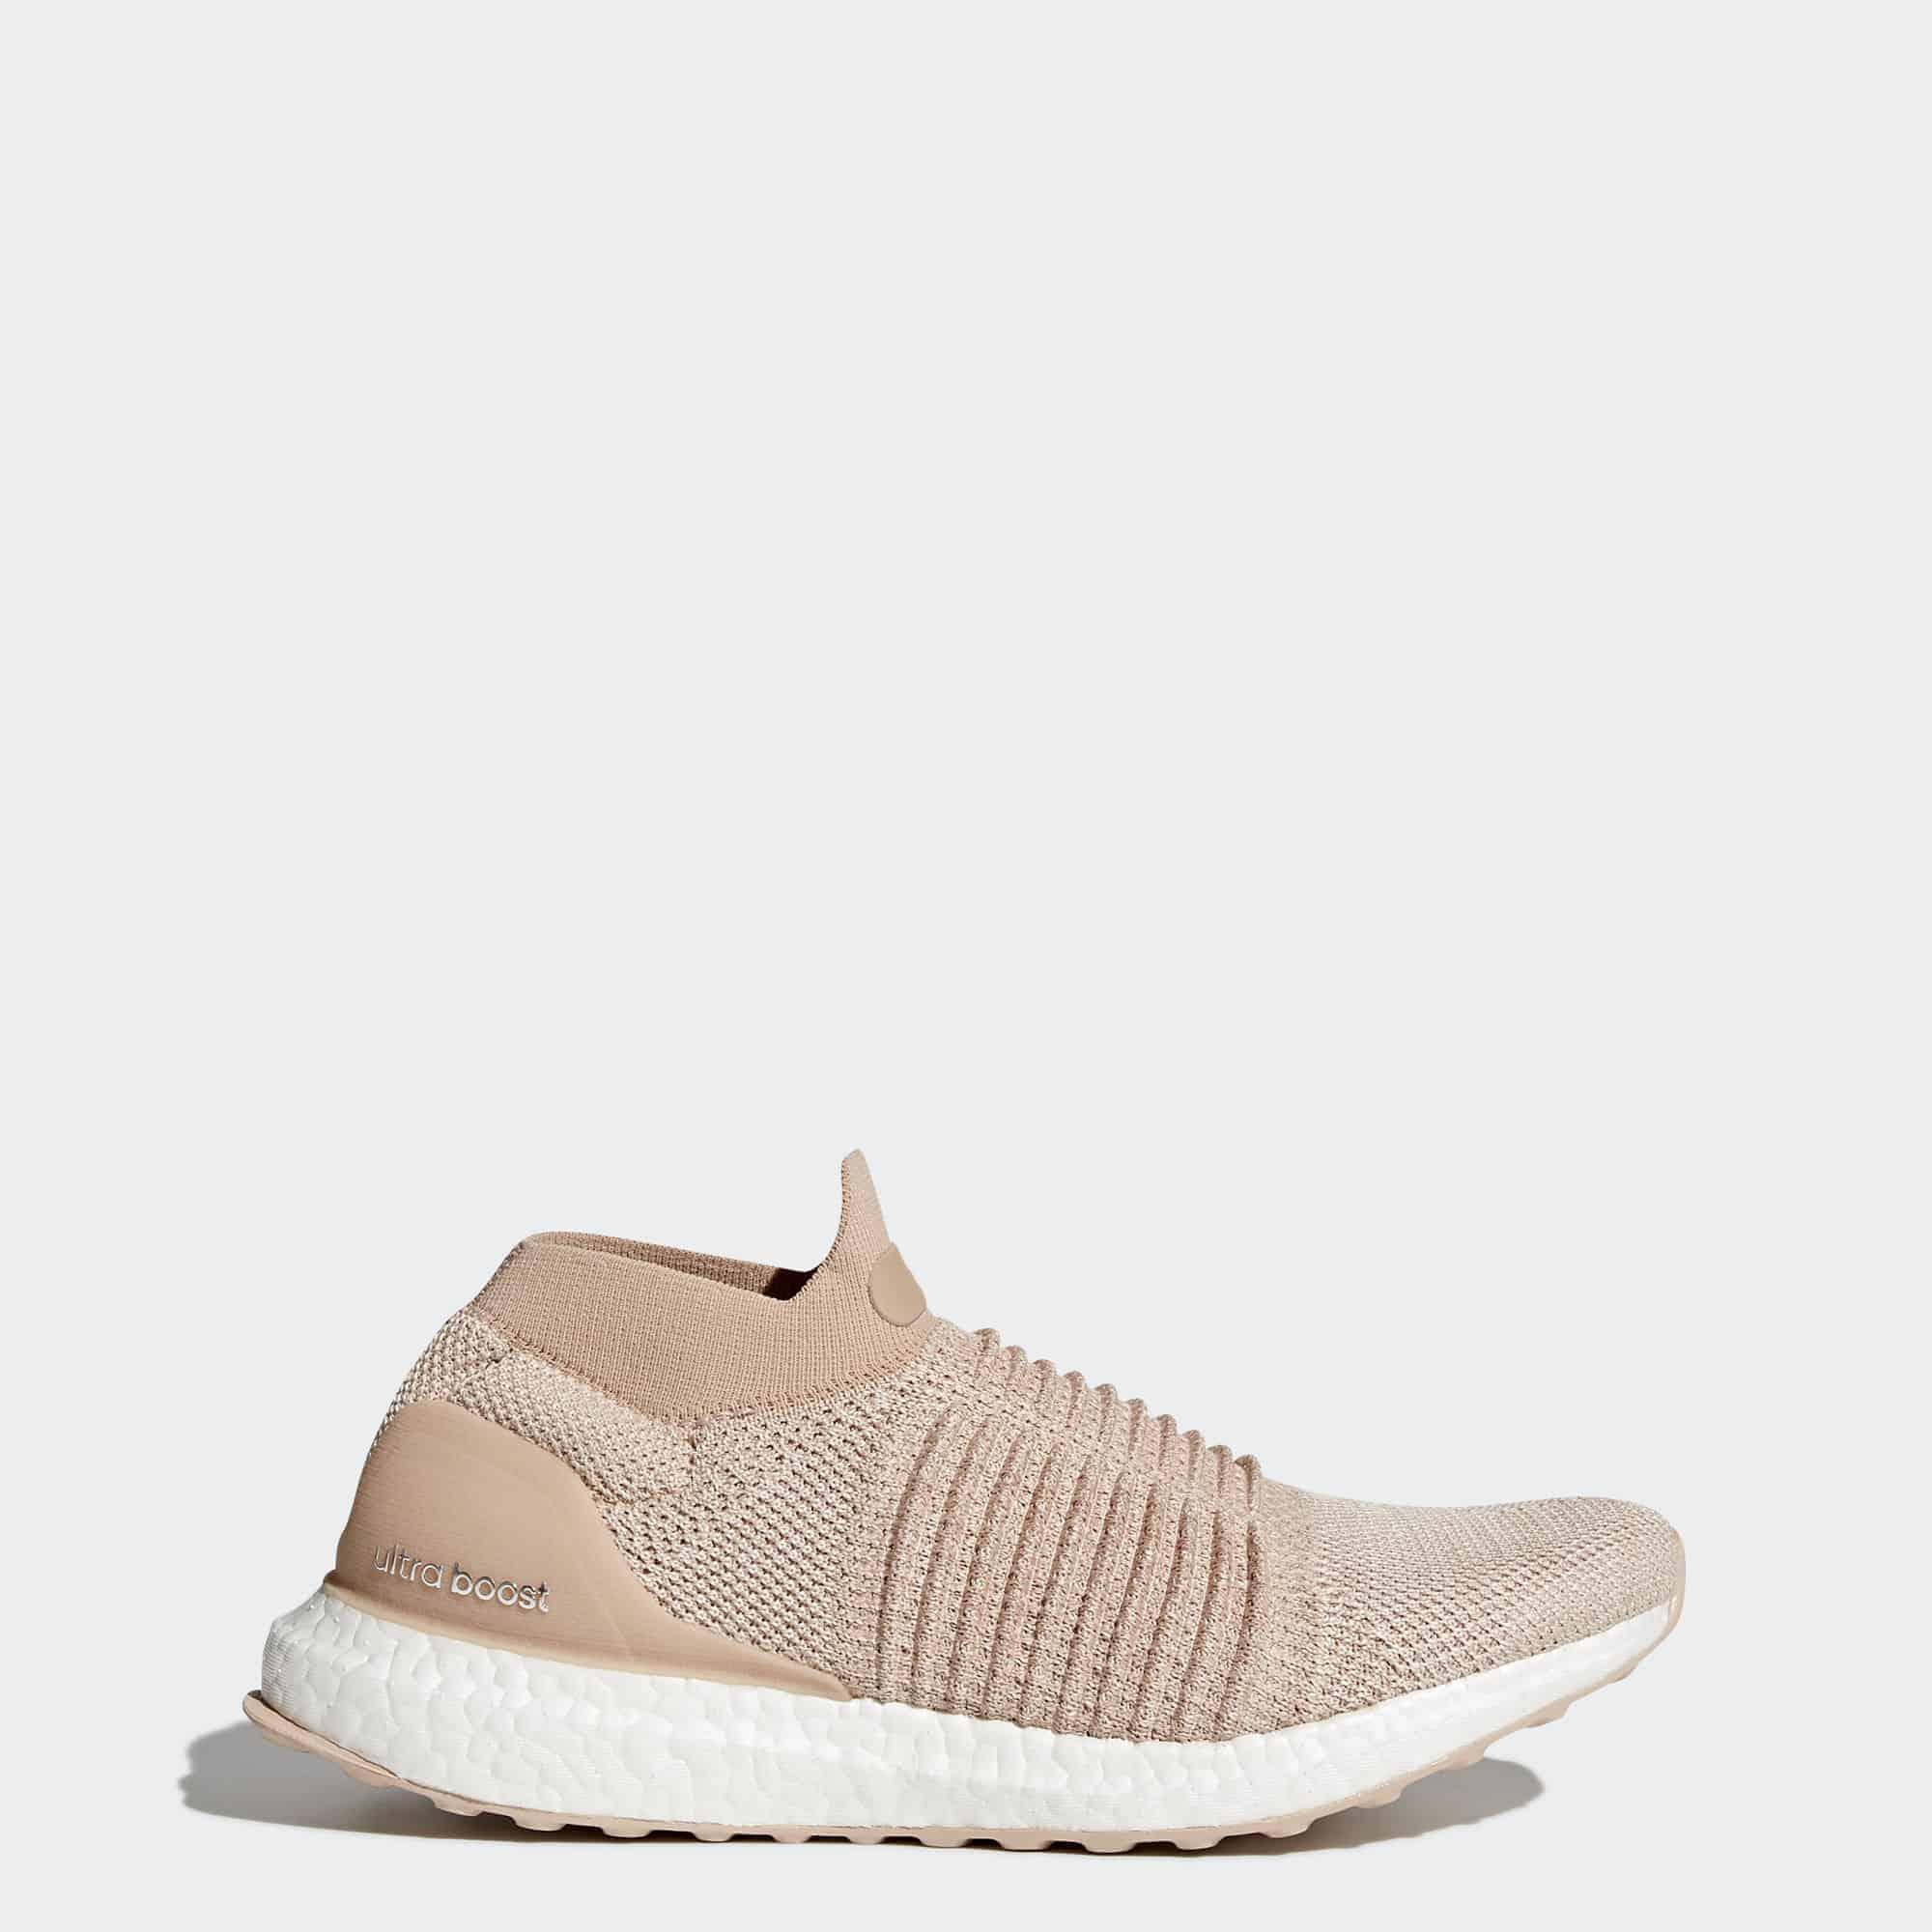 Кроссовки для бега Adidas Ultraboost Laceless женские